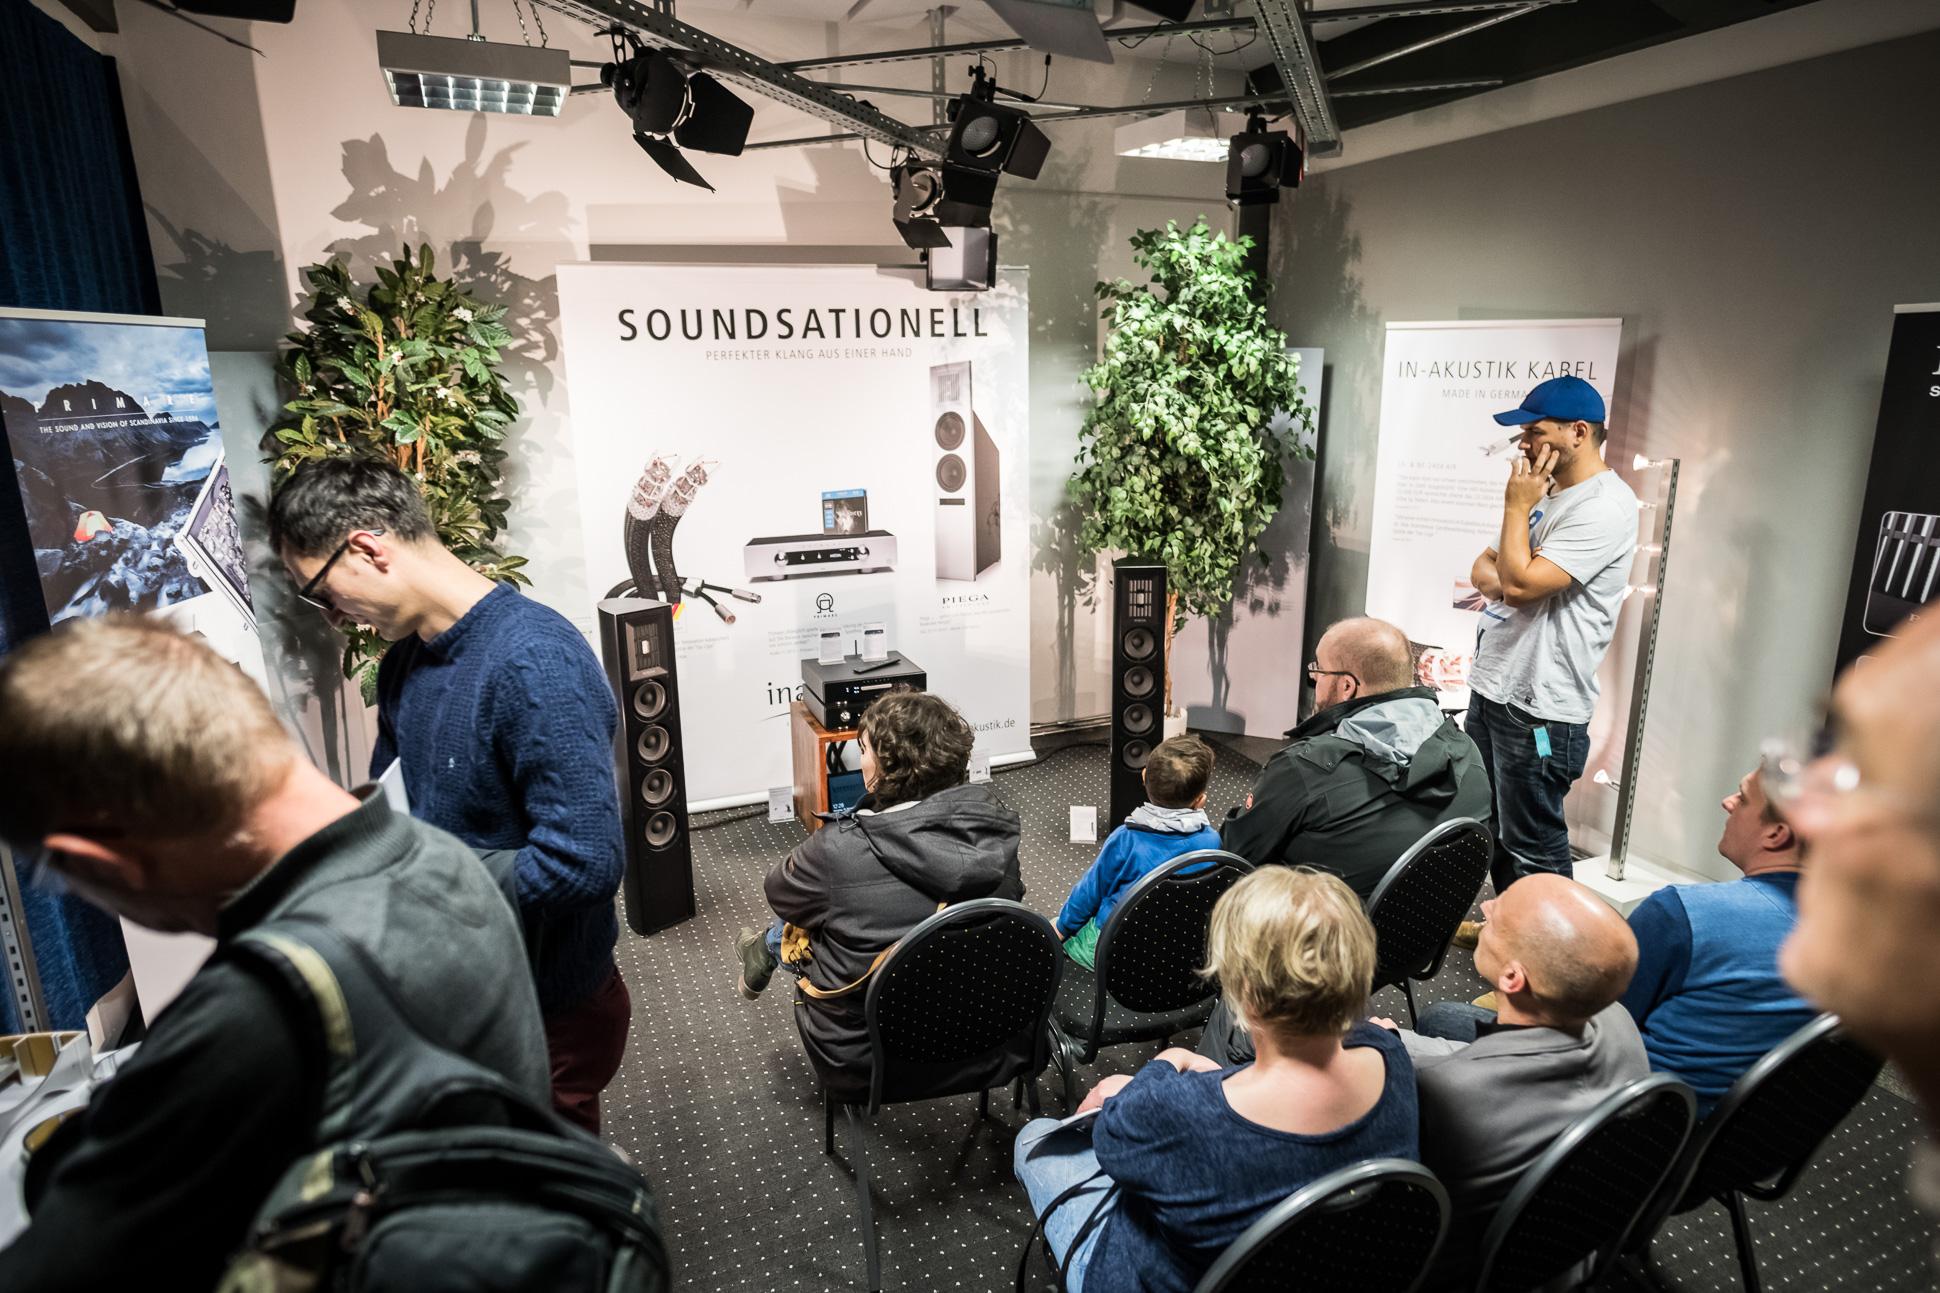 In-akustik stellte neben seinem Kabelportfolio auch die Neuheiten der Vertriebsmarken Piega und Primare vor.